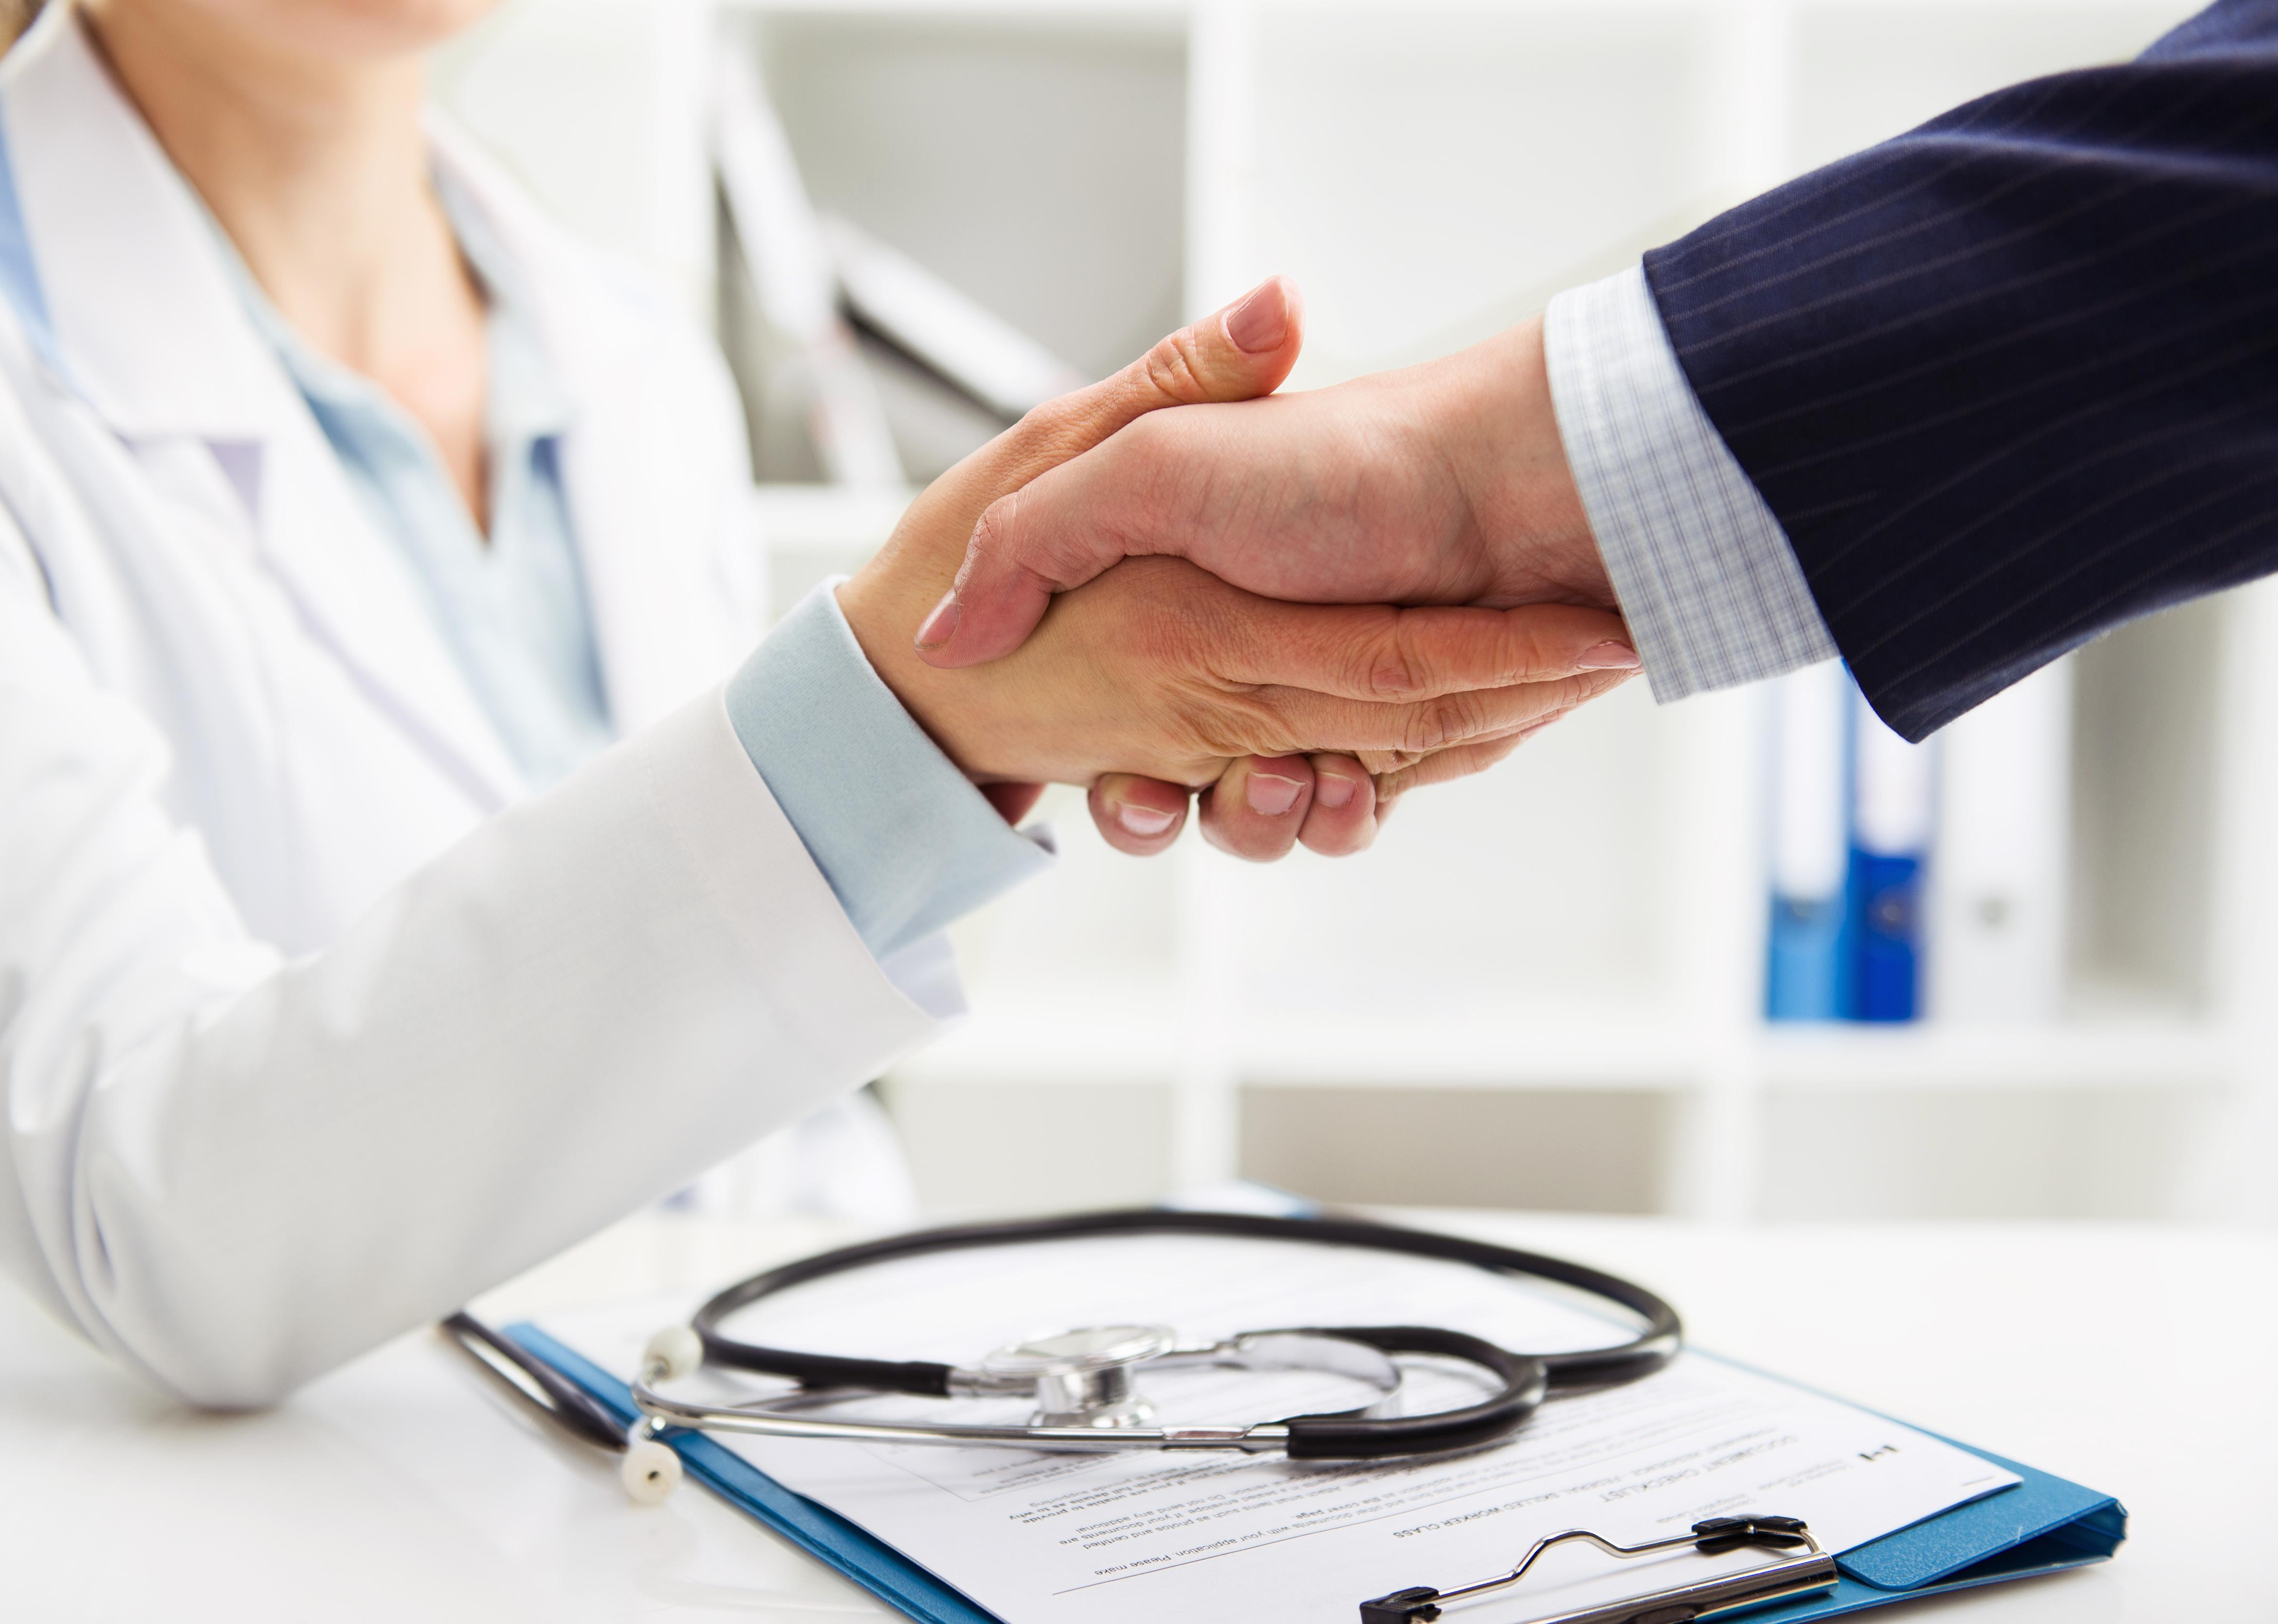 Como promover sua clínica localmente: 5 dicas práticas